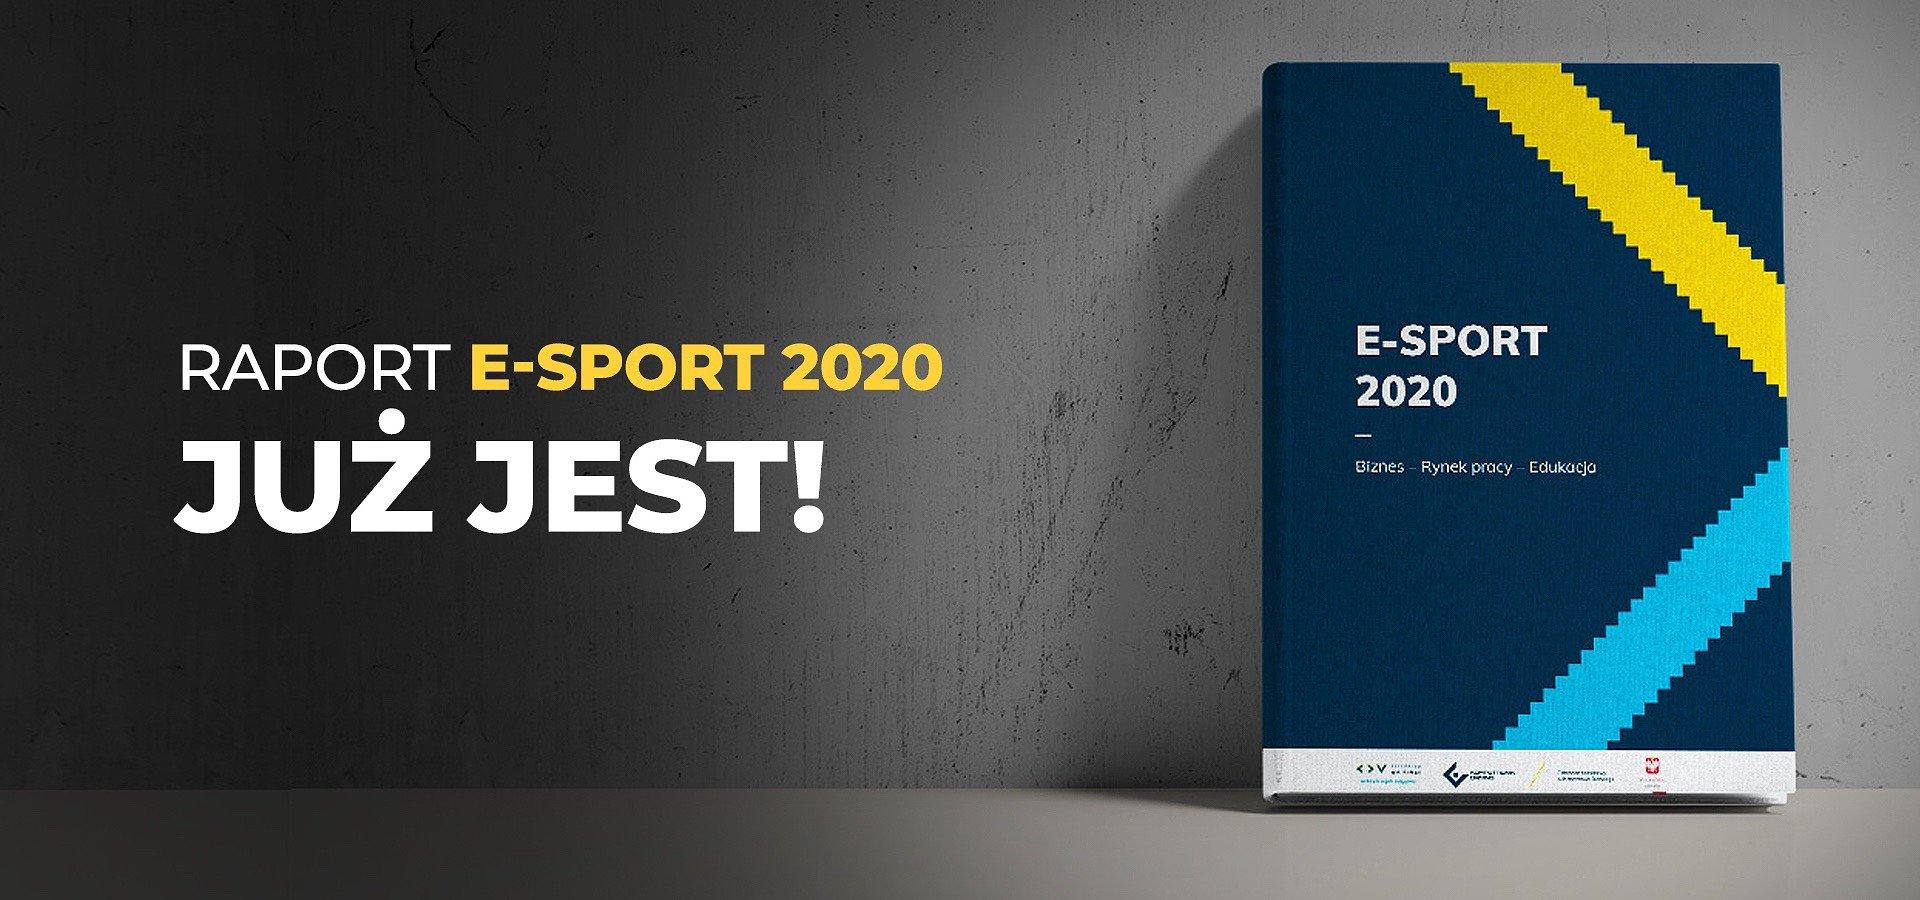 """Raport """"E-Sport 2020. Biznes – Rynek pracy – Edukacja"""" już dostępny!"""